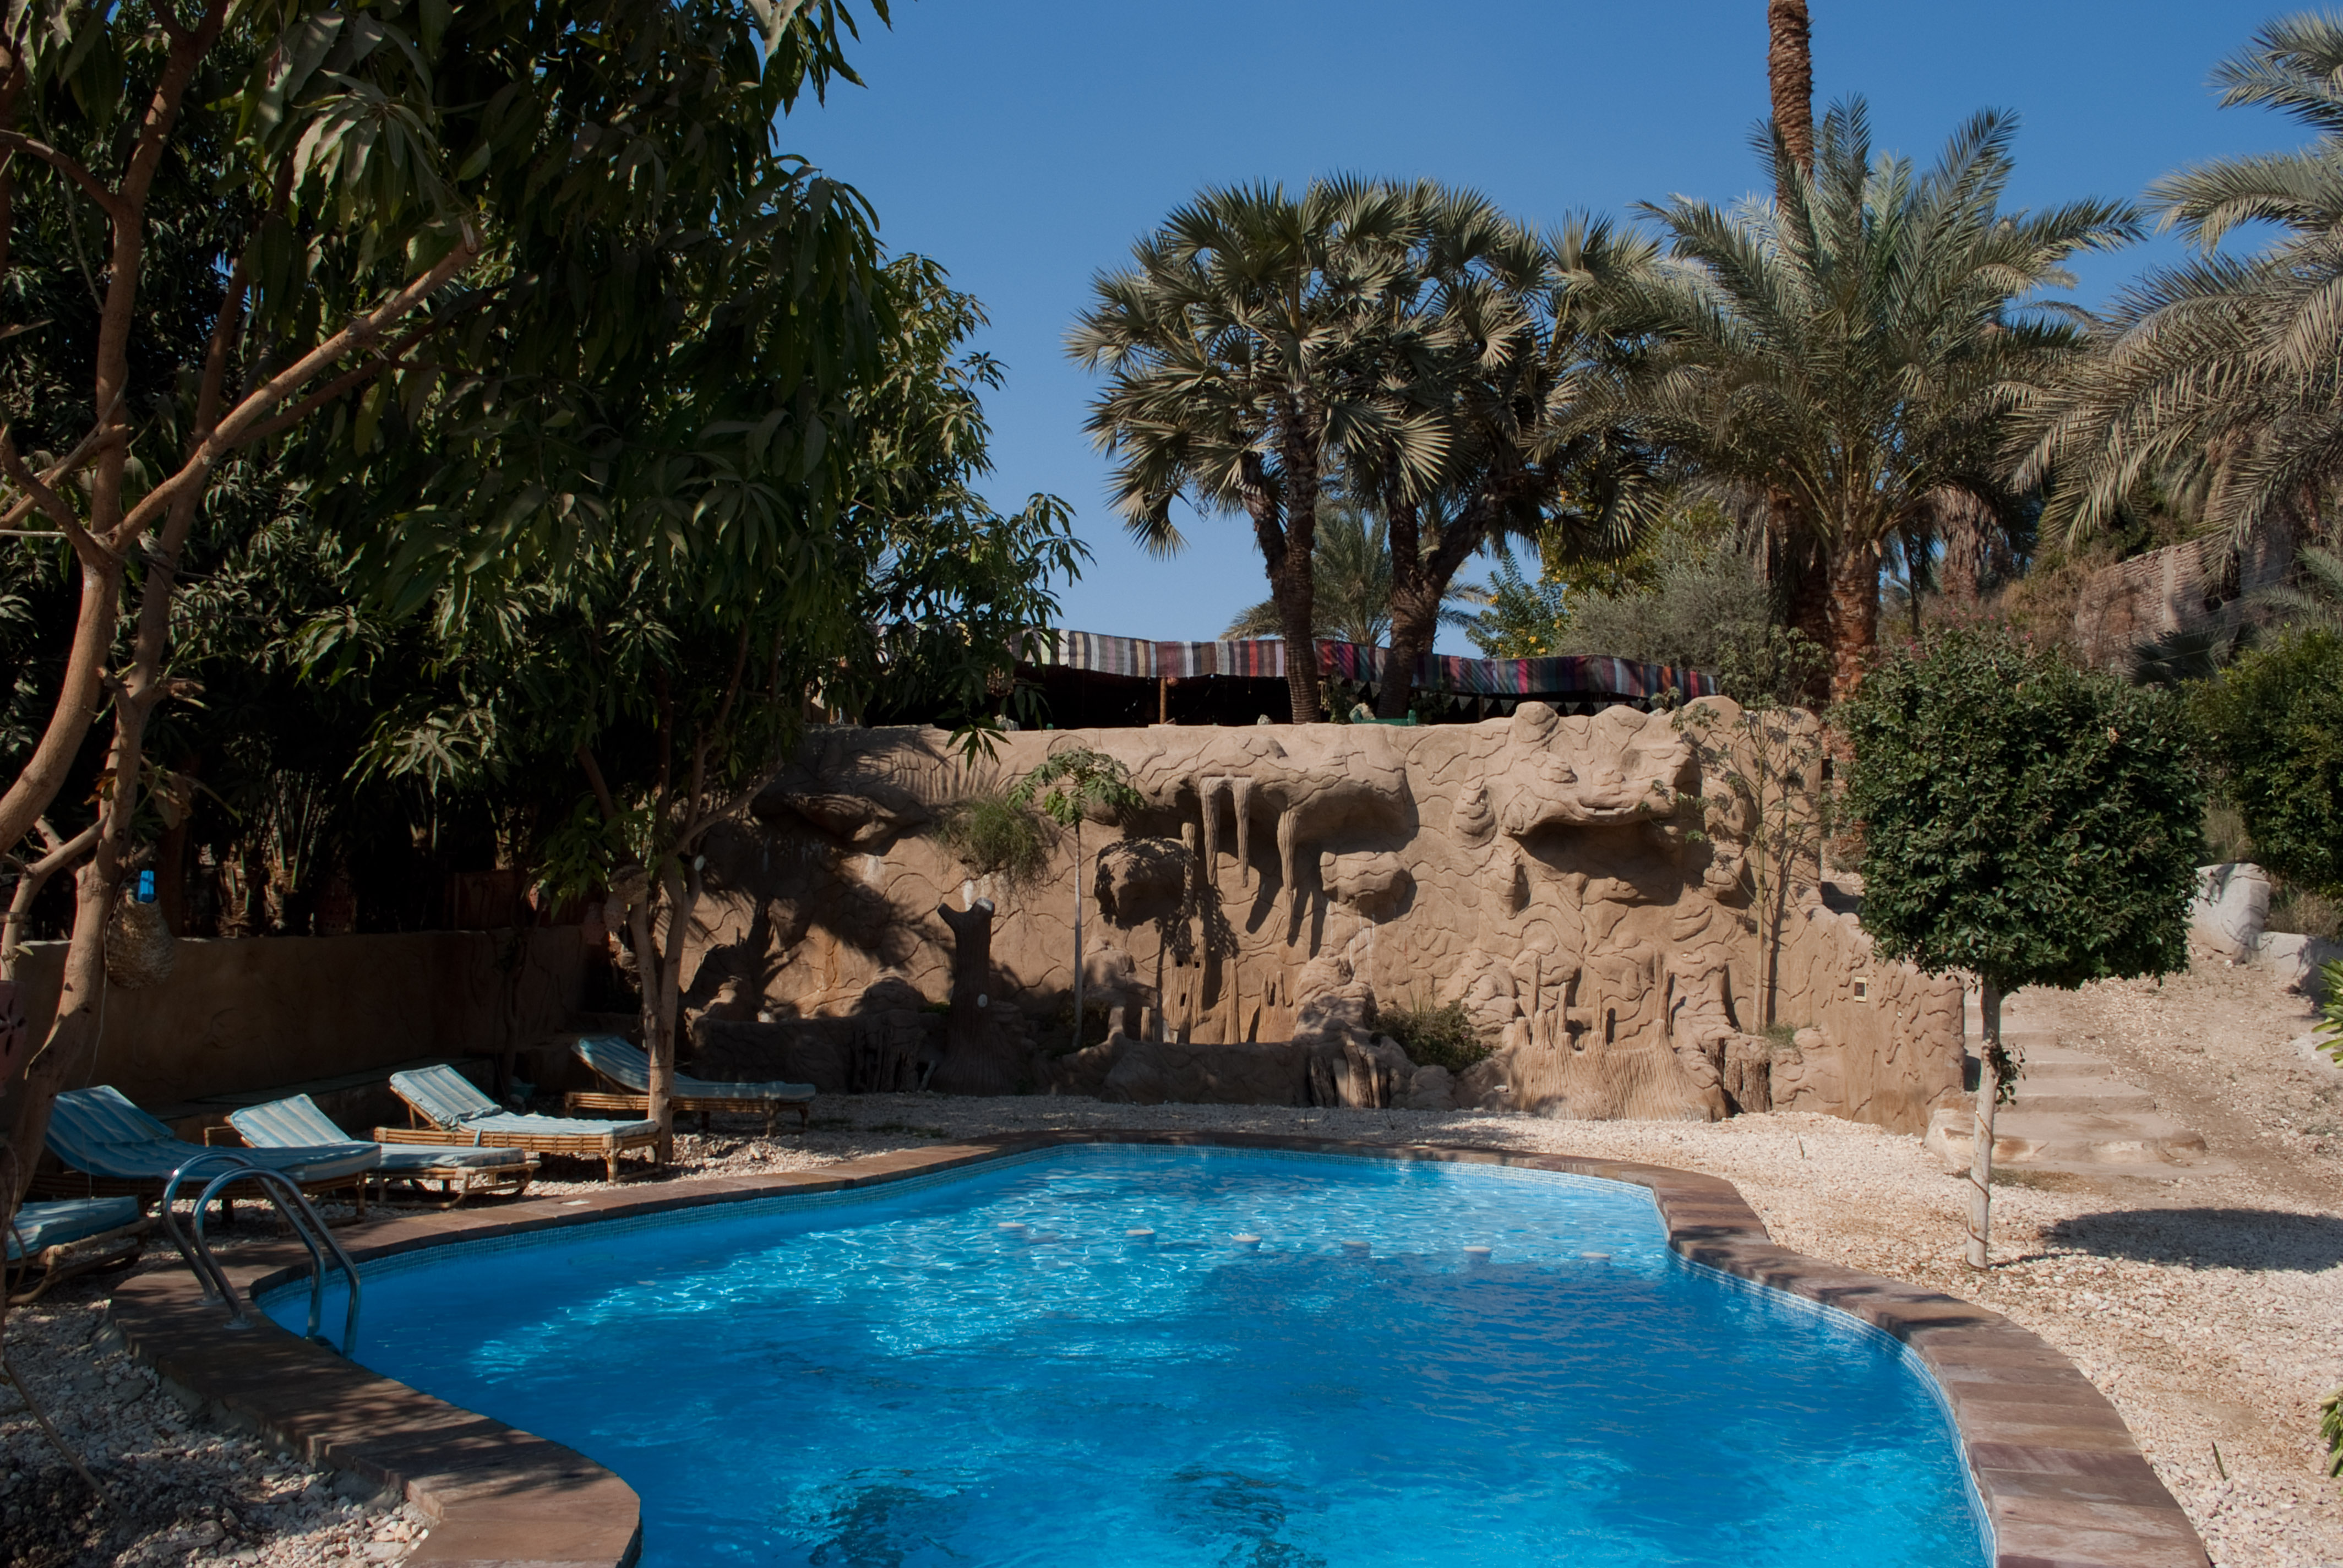 Al Baeirat Hotel